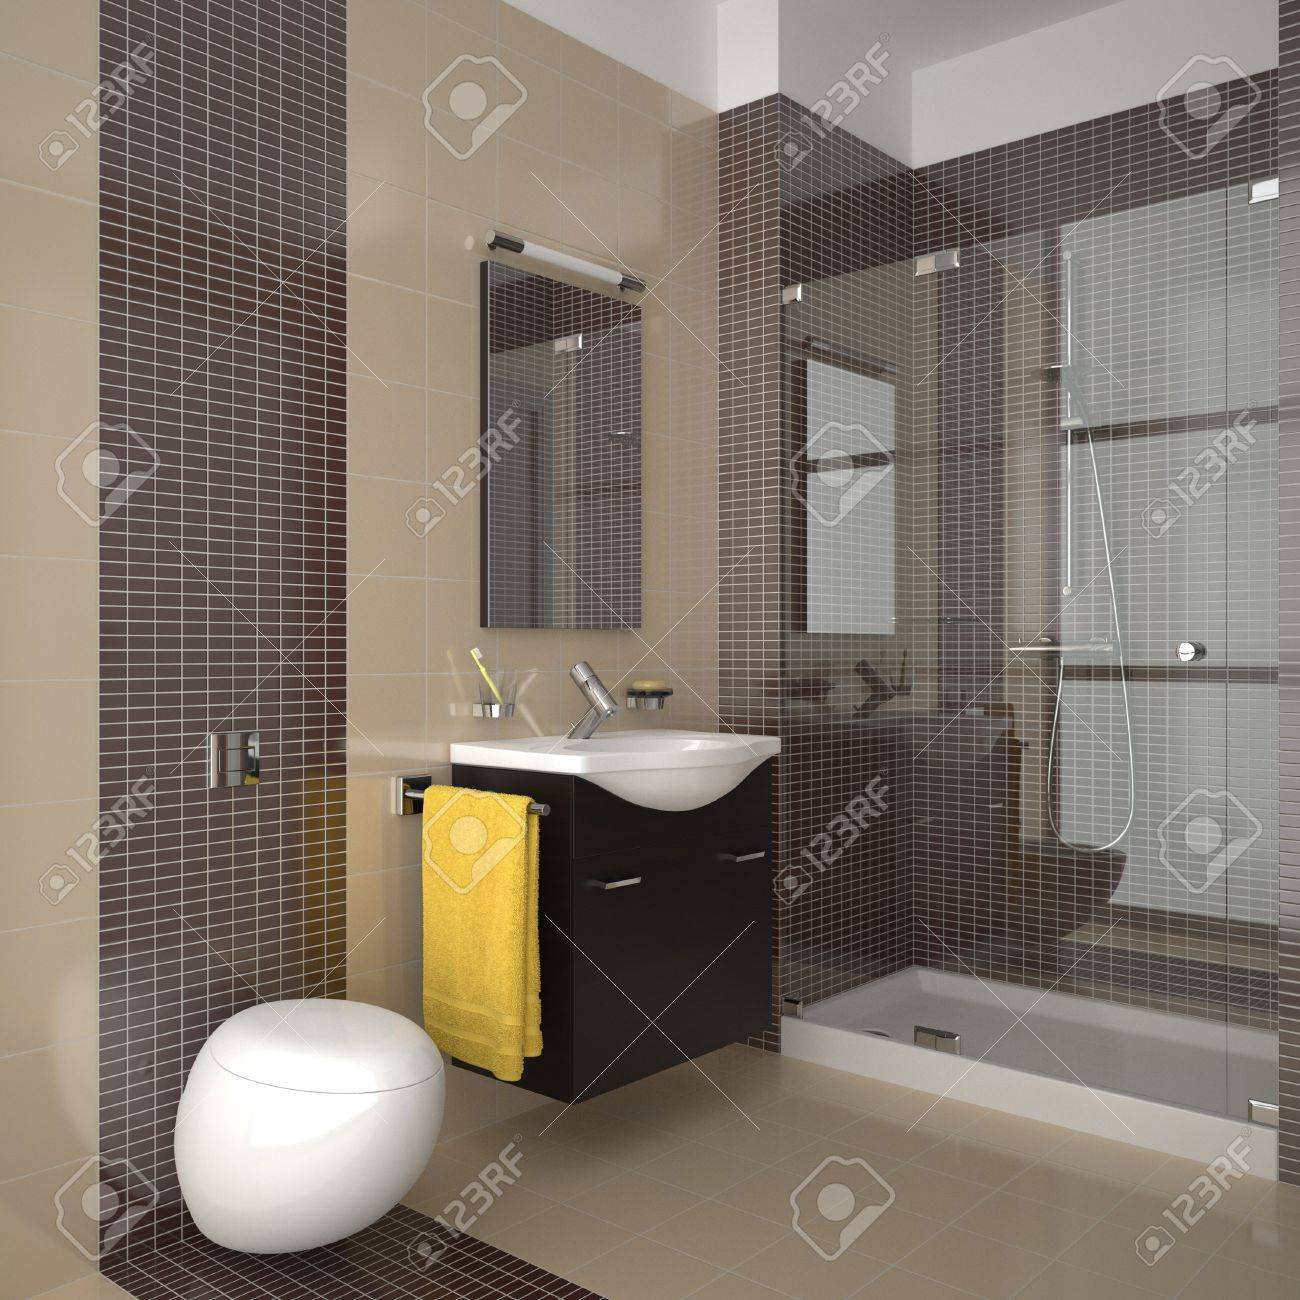 good bao moderno con azulejos de color marrn y beige foto de archivo with azulejos bao - Azulejos De Bao Modernos